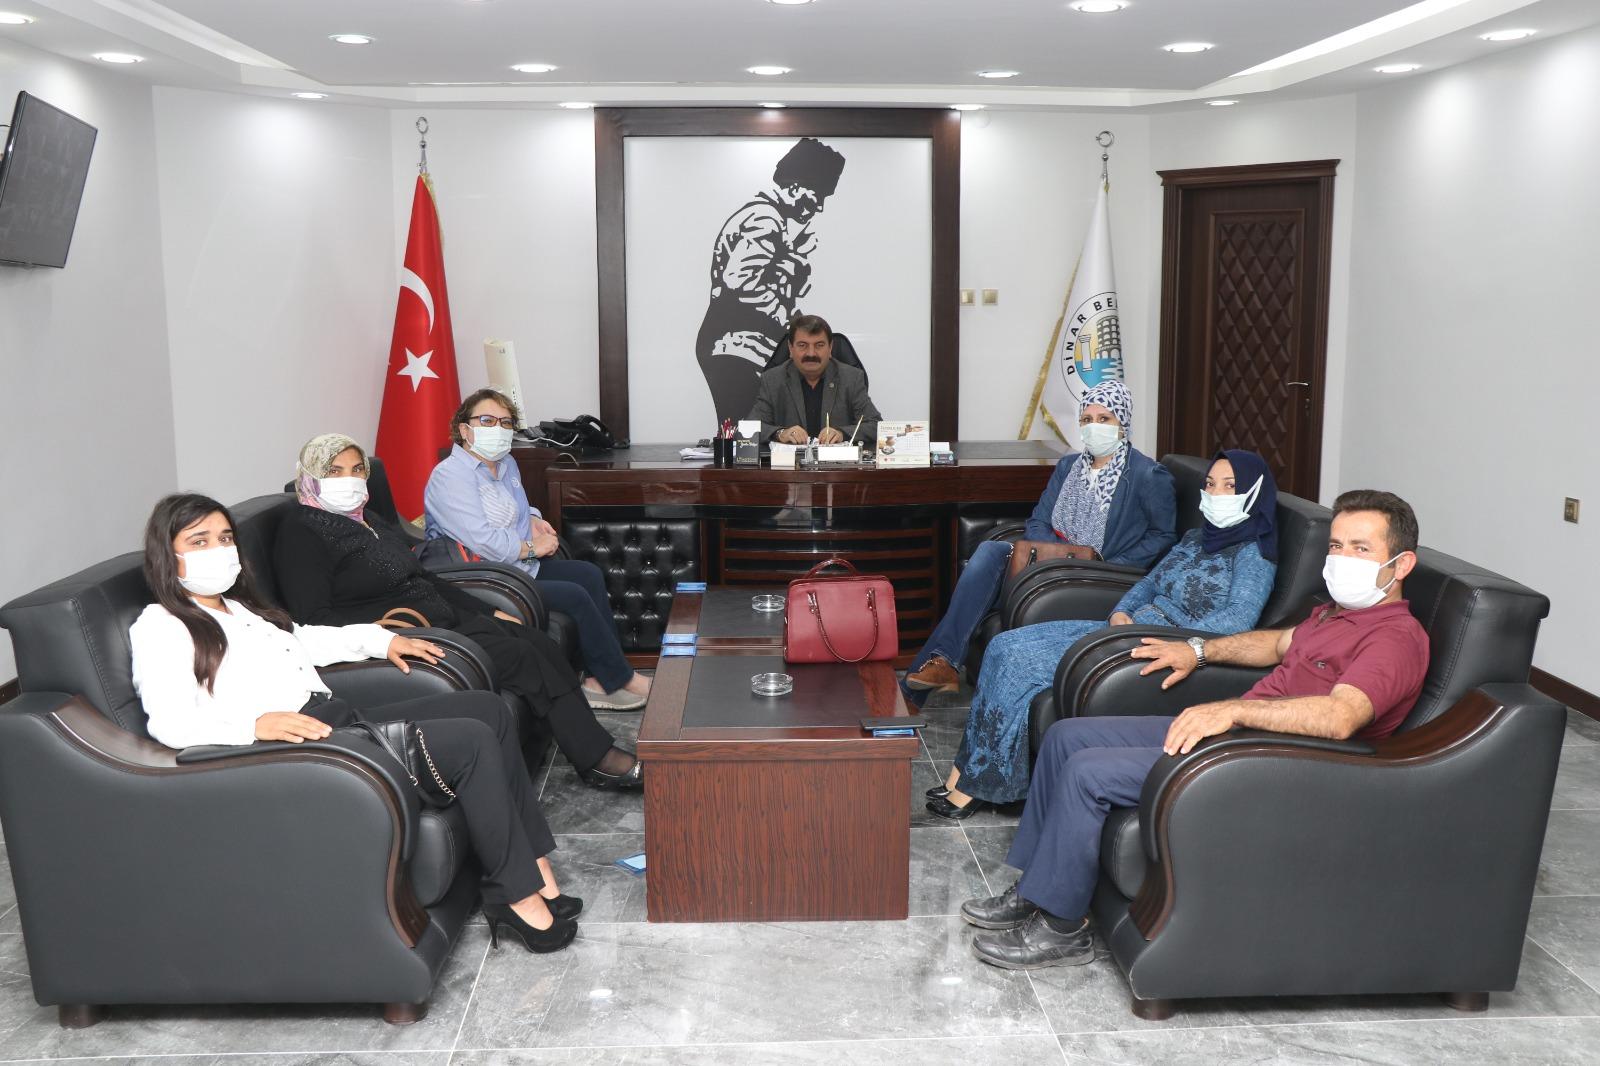 Akgün Köyü Kadın Girişimcileri Kooperatifinden Başkan Sarı'ya teşekkür